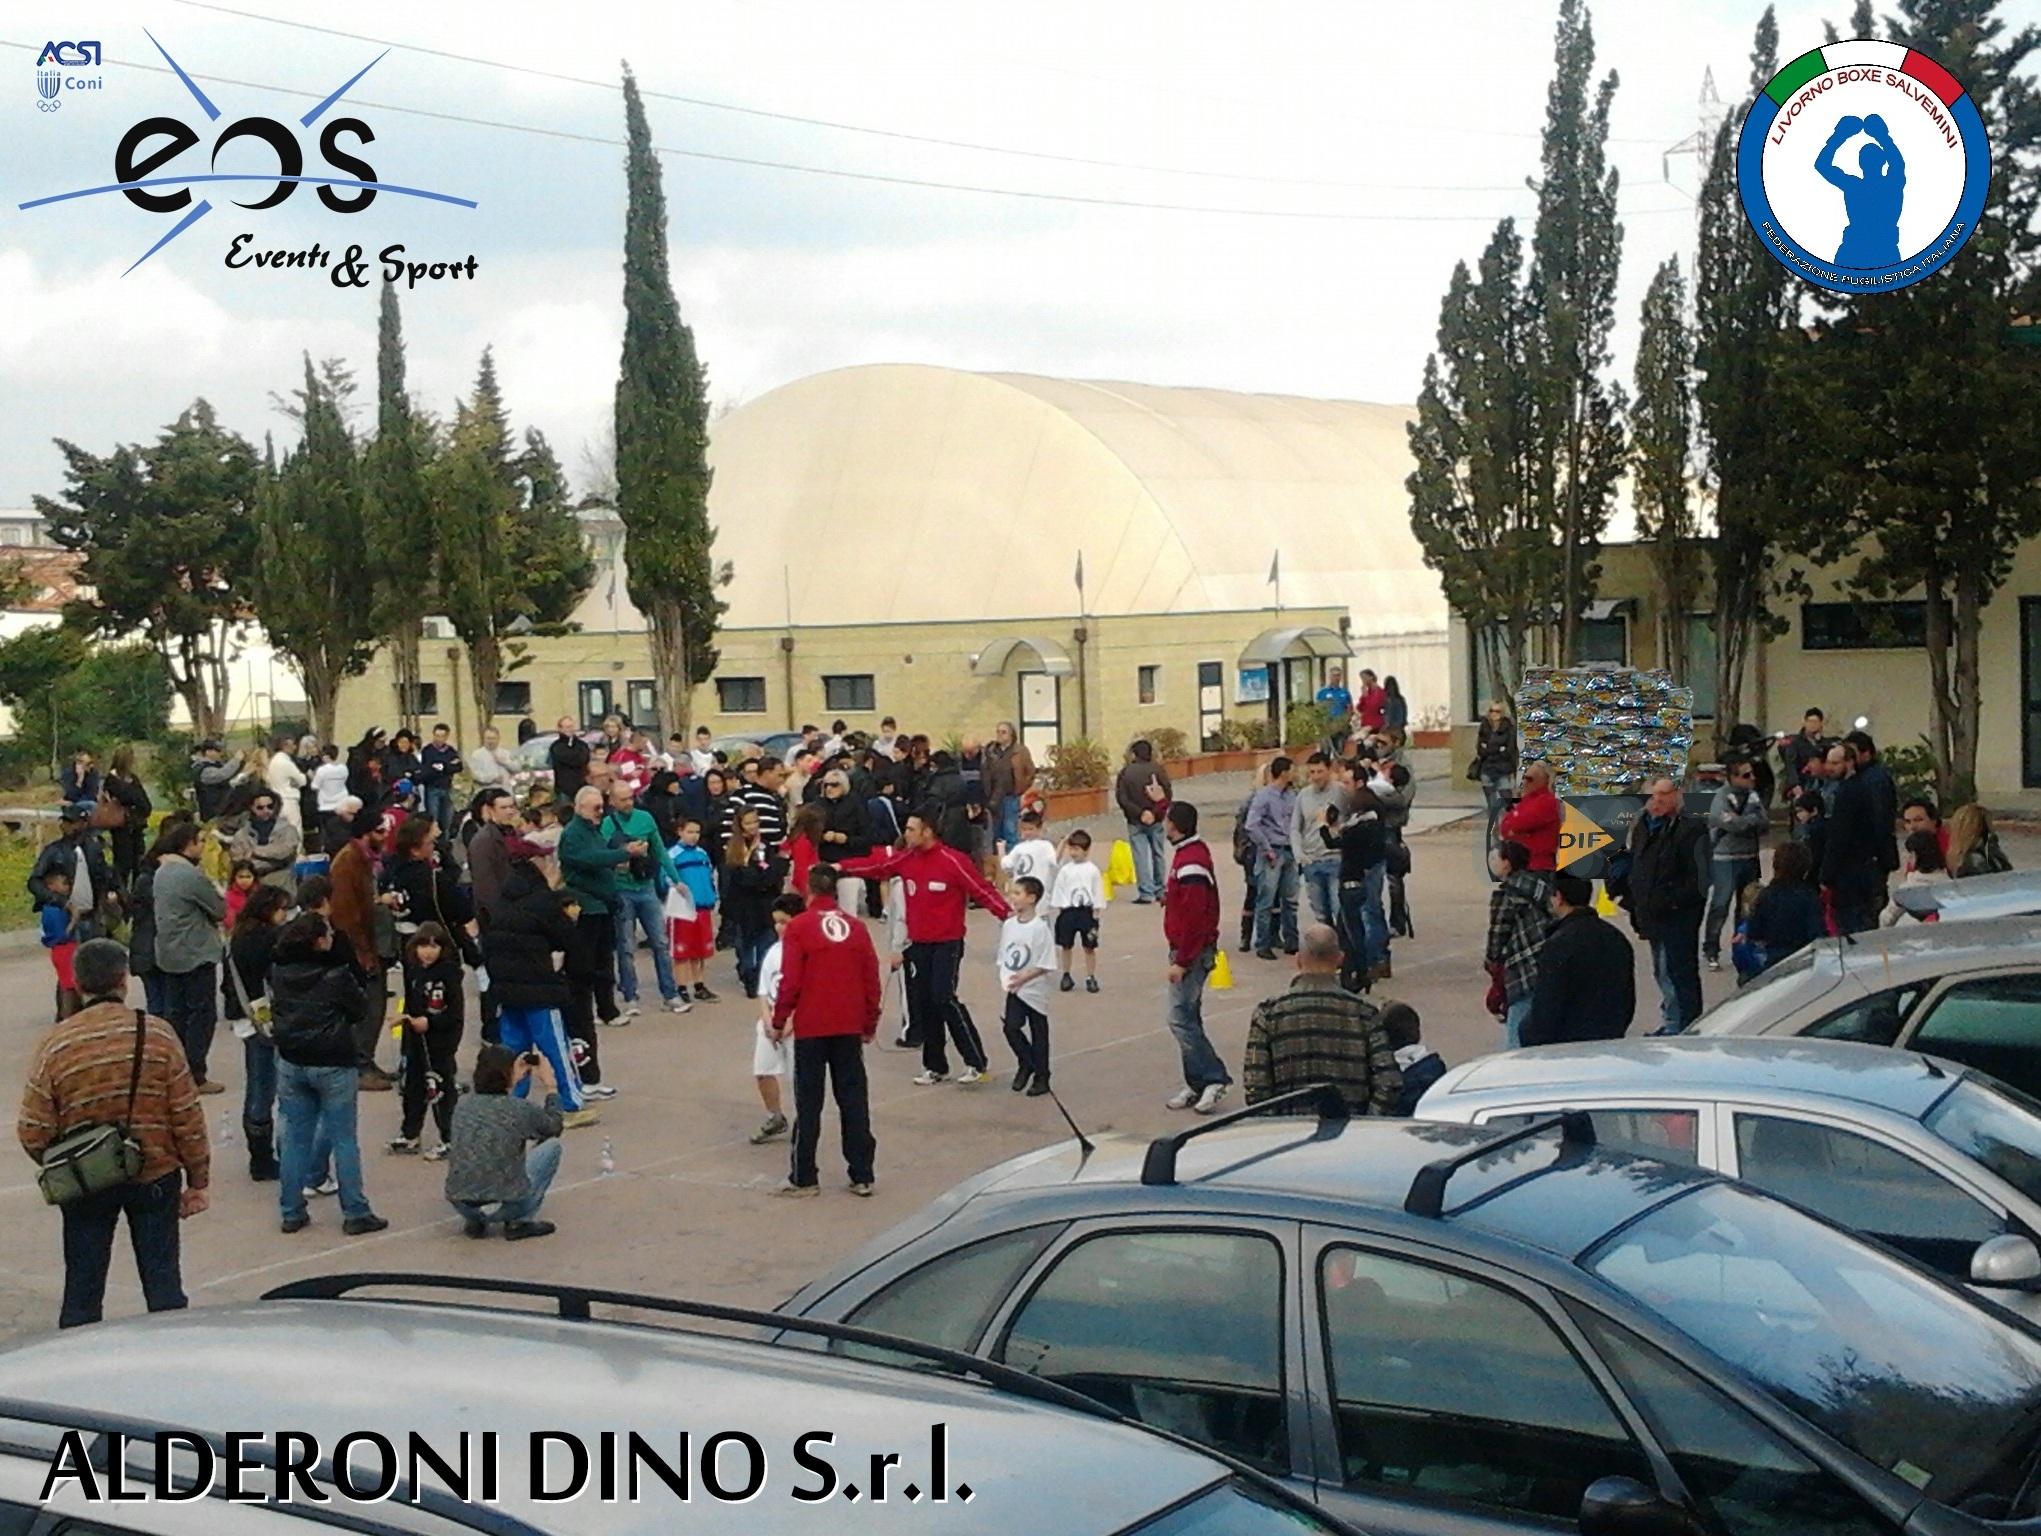 giochi della gioventù 4-5 giugno 2011,  palestra eos stagno livorno 2